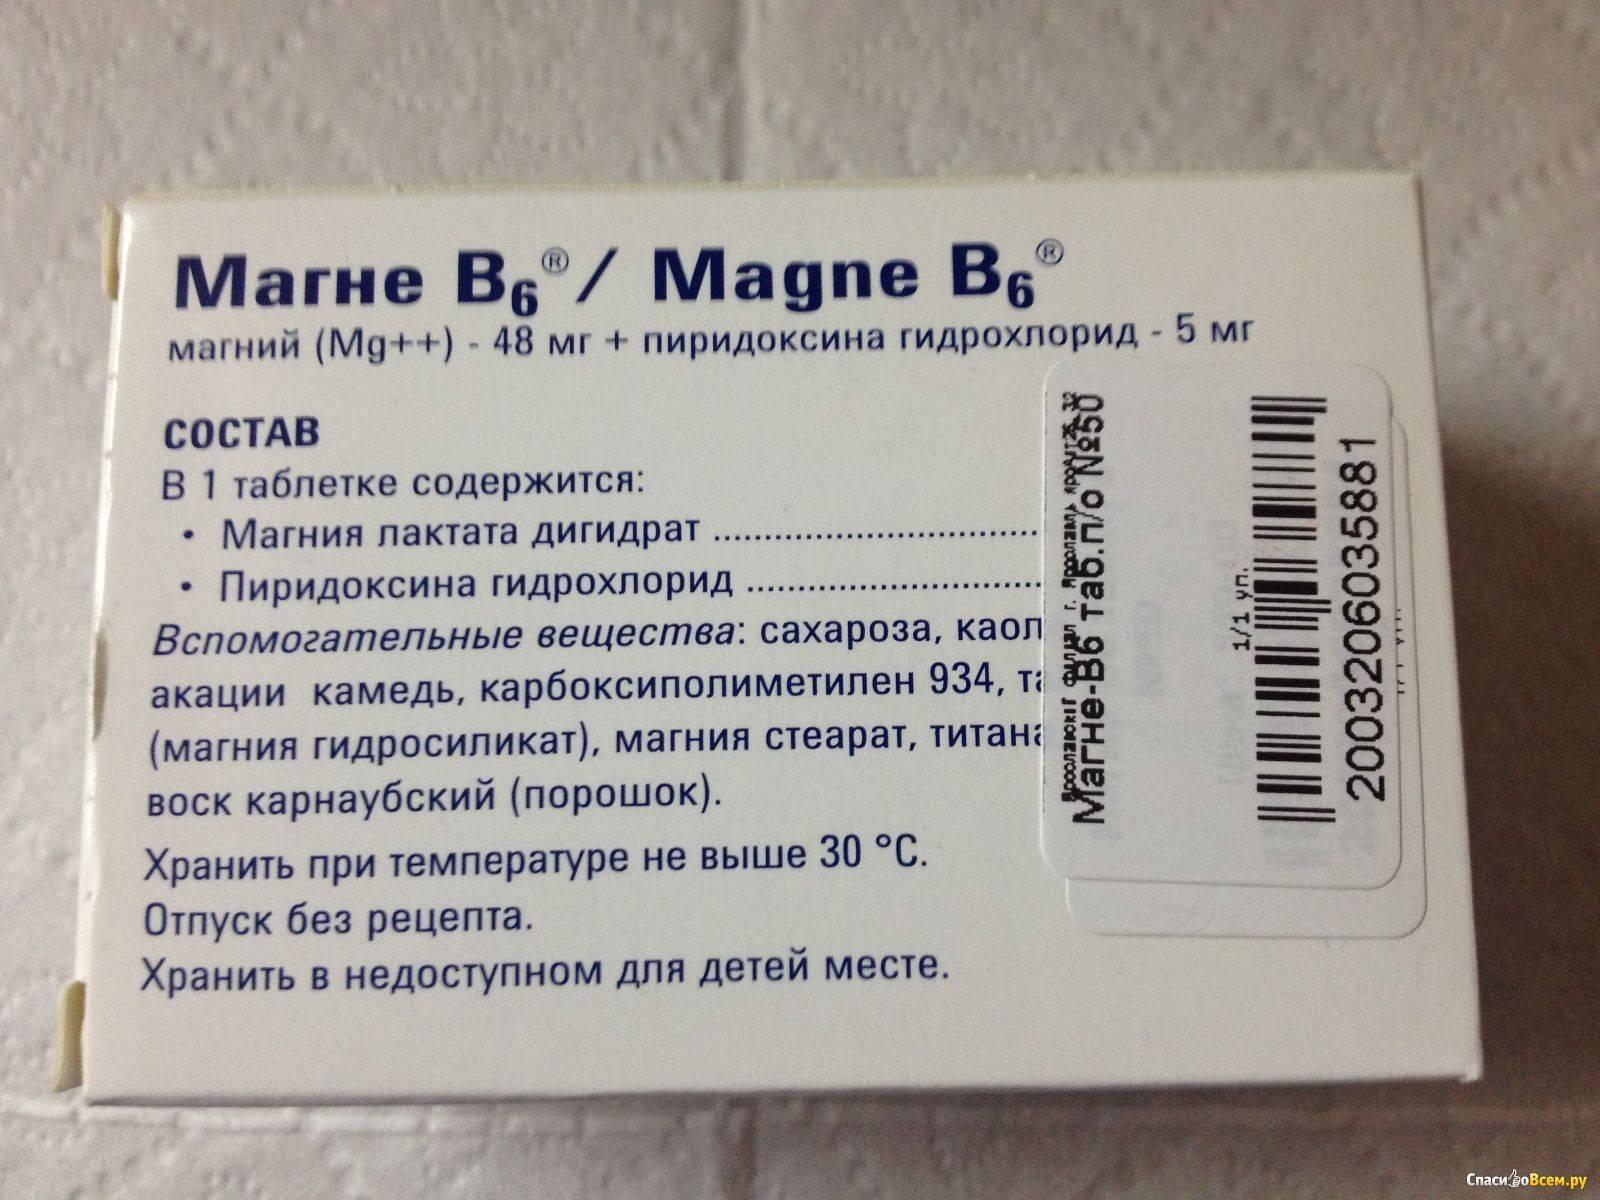 Что лучше: «магнелис в6 форте» или «магне в6 форте»? – meds.is